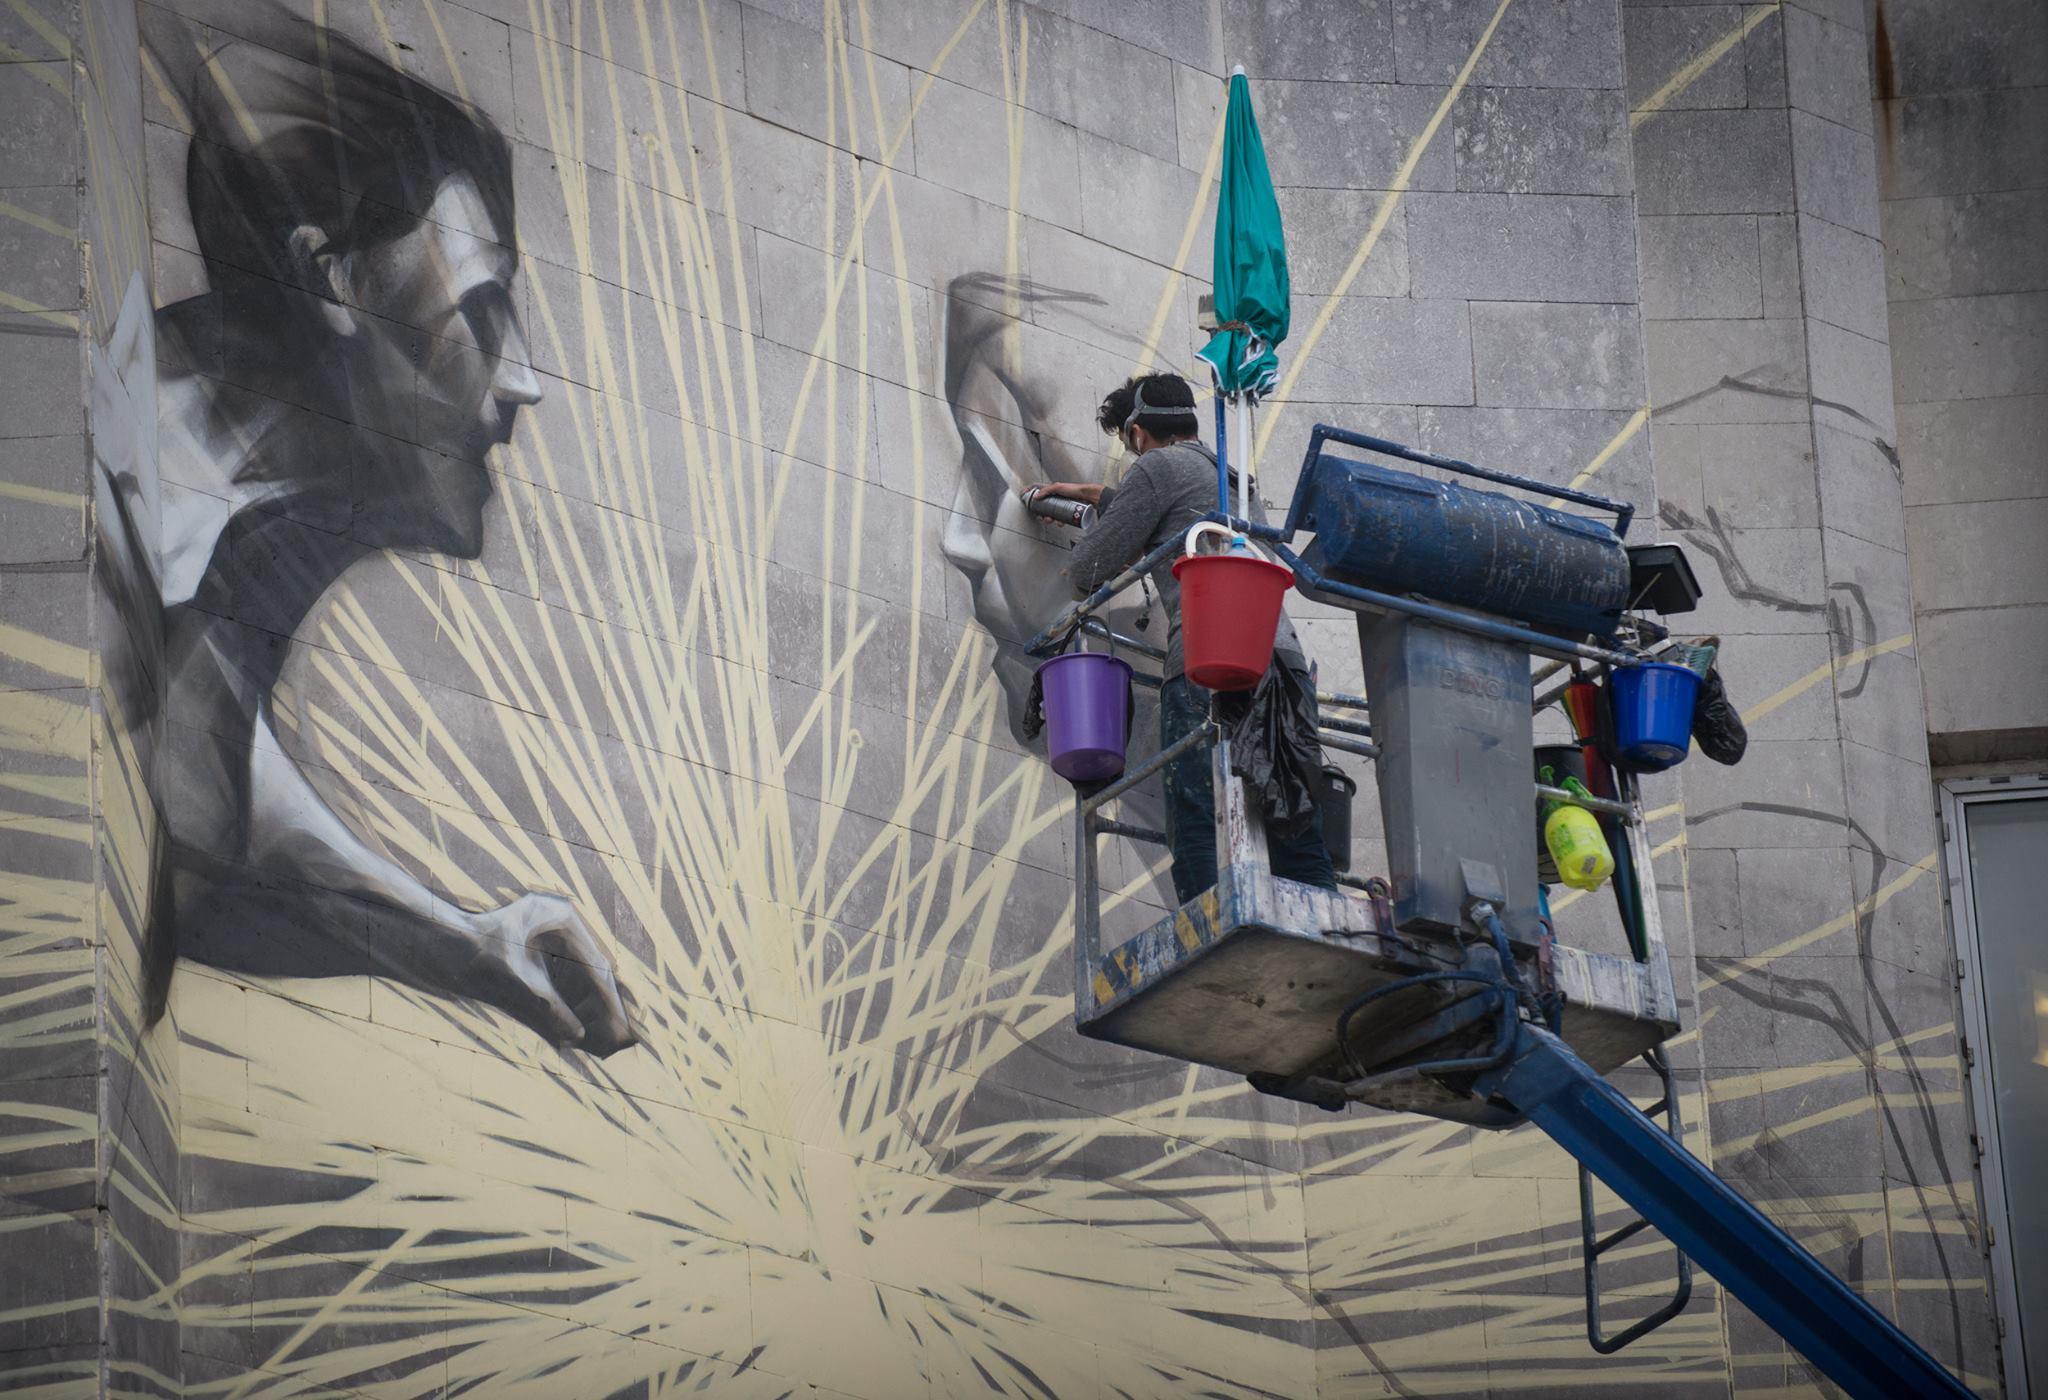 """Канадський стріт-артист Лі-Хілл розписав Центр культури та мистецтв """"КПІ"""" - фото 3"""